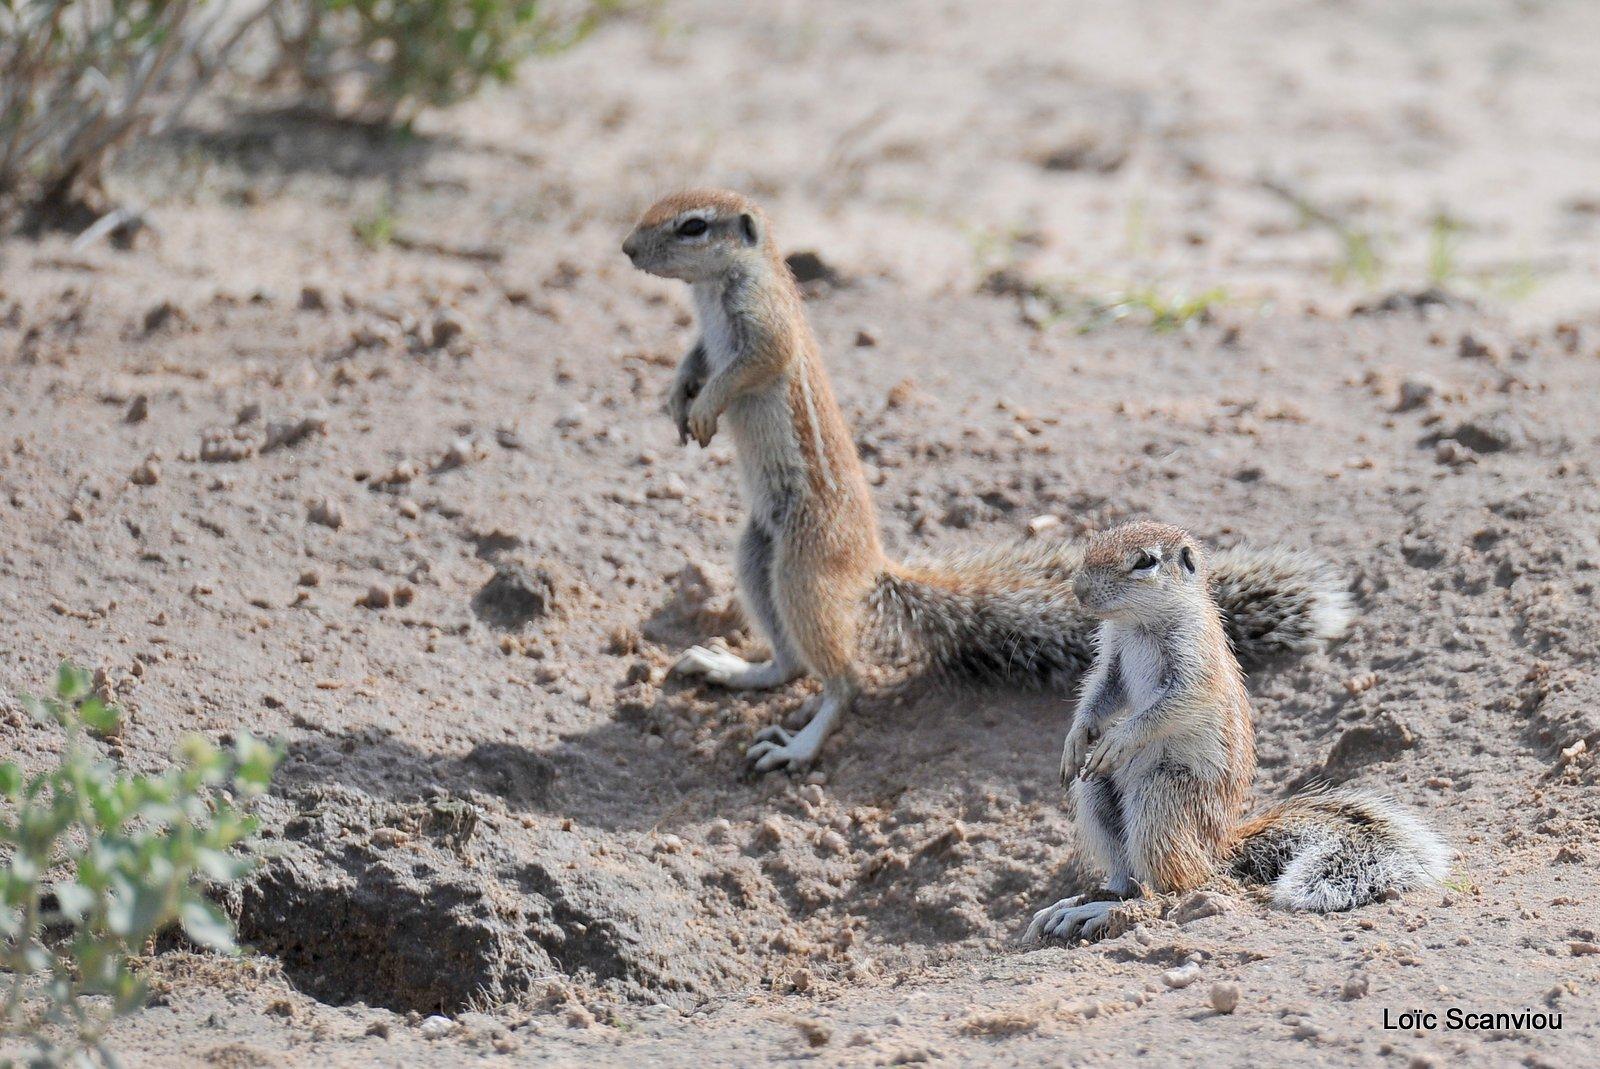 Écureuil terrestre du Cap/Cape Ground Squirrel (1)